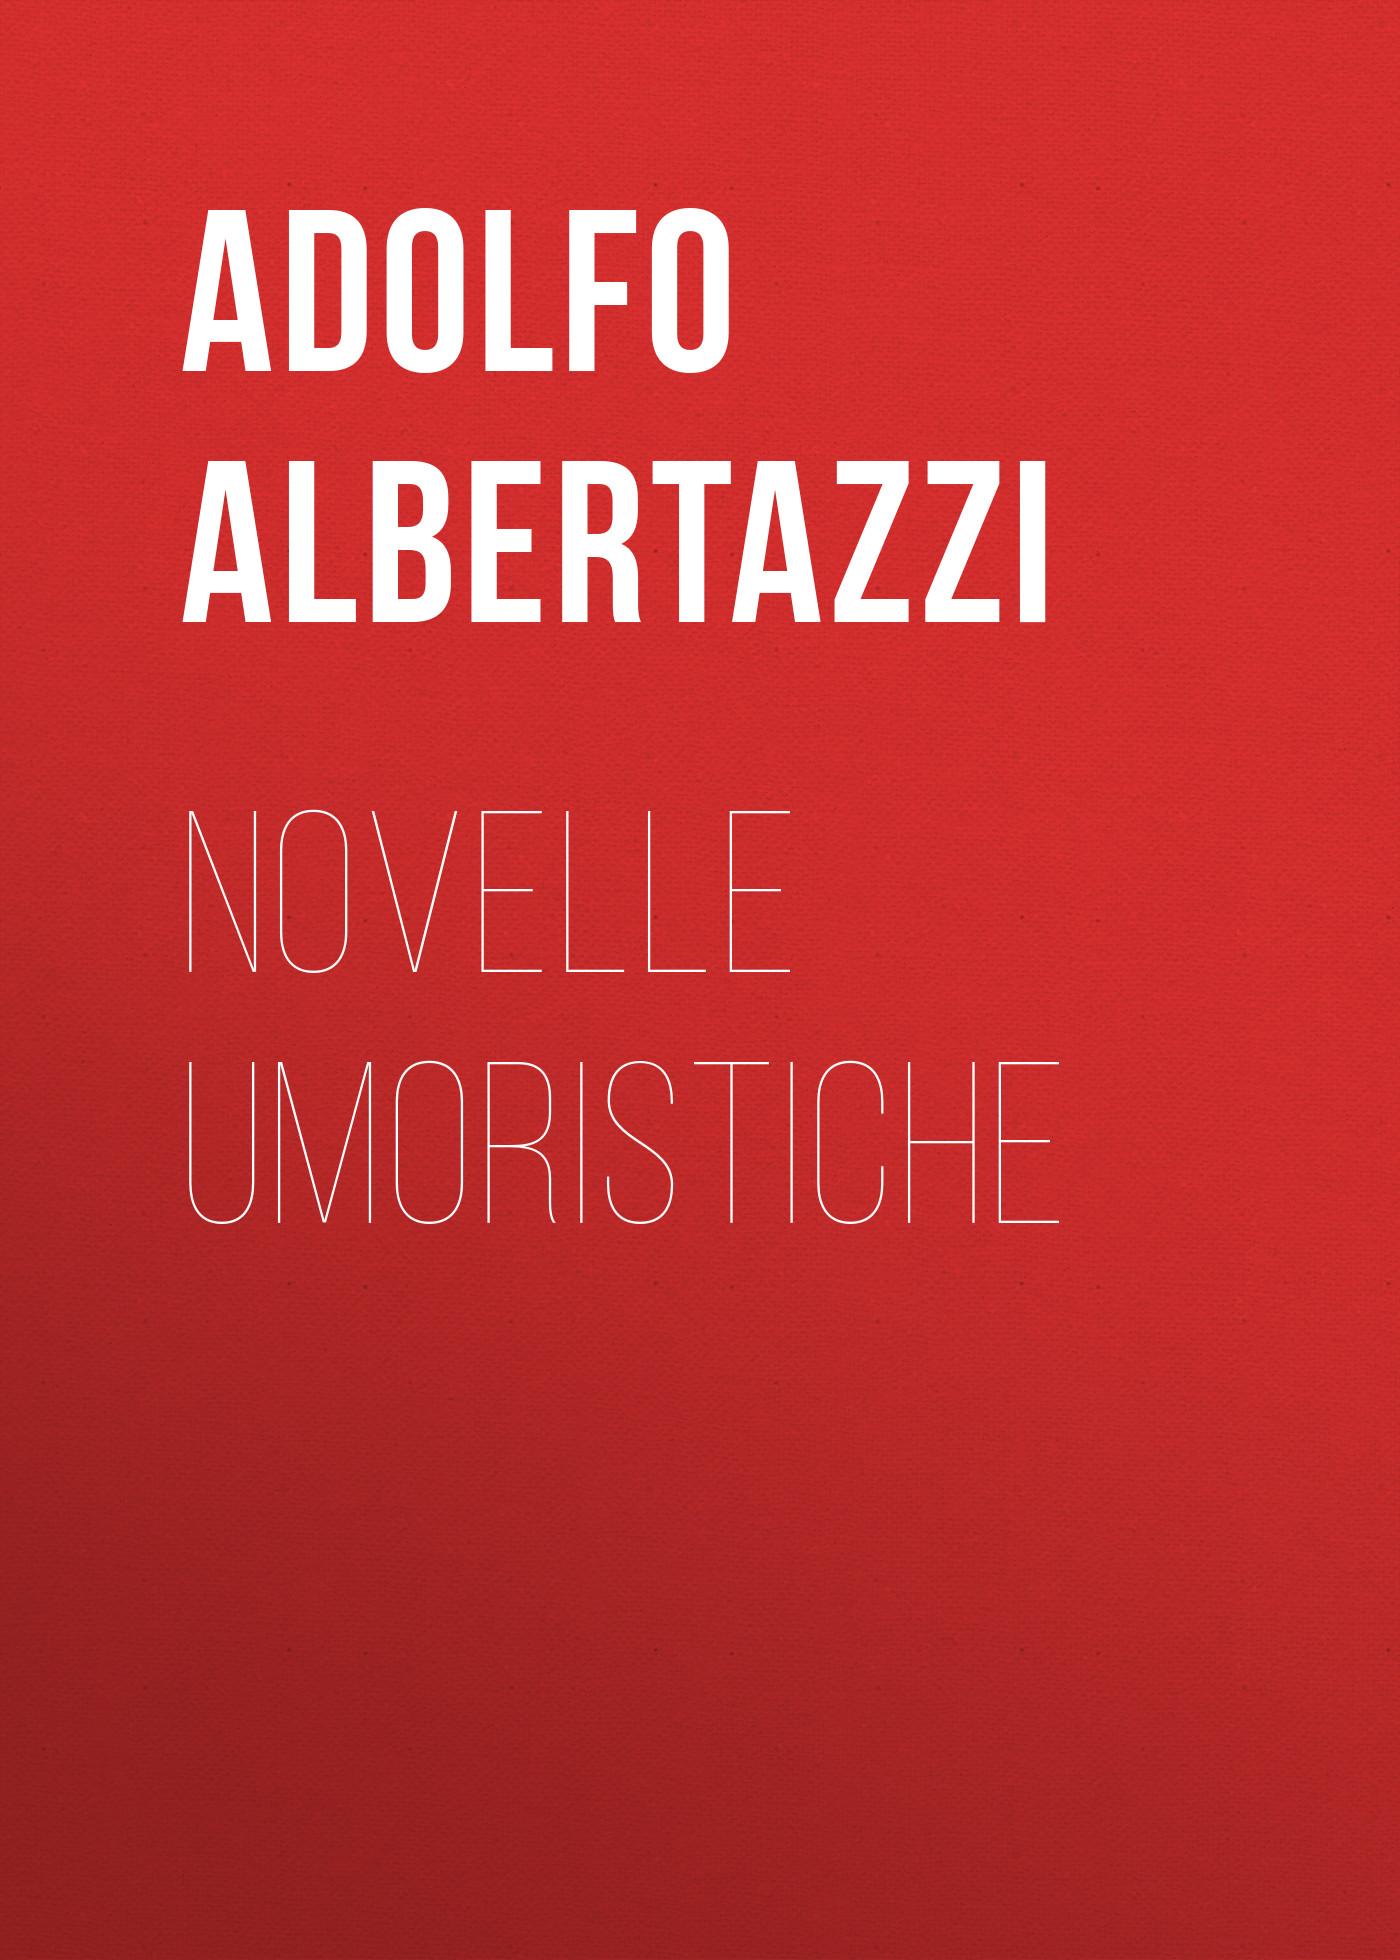 Albertazzi Adolfo Novelle umoristiche цена